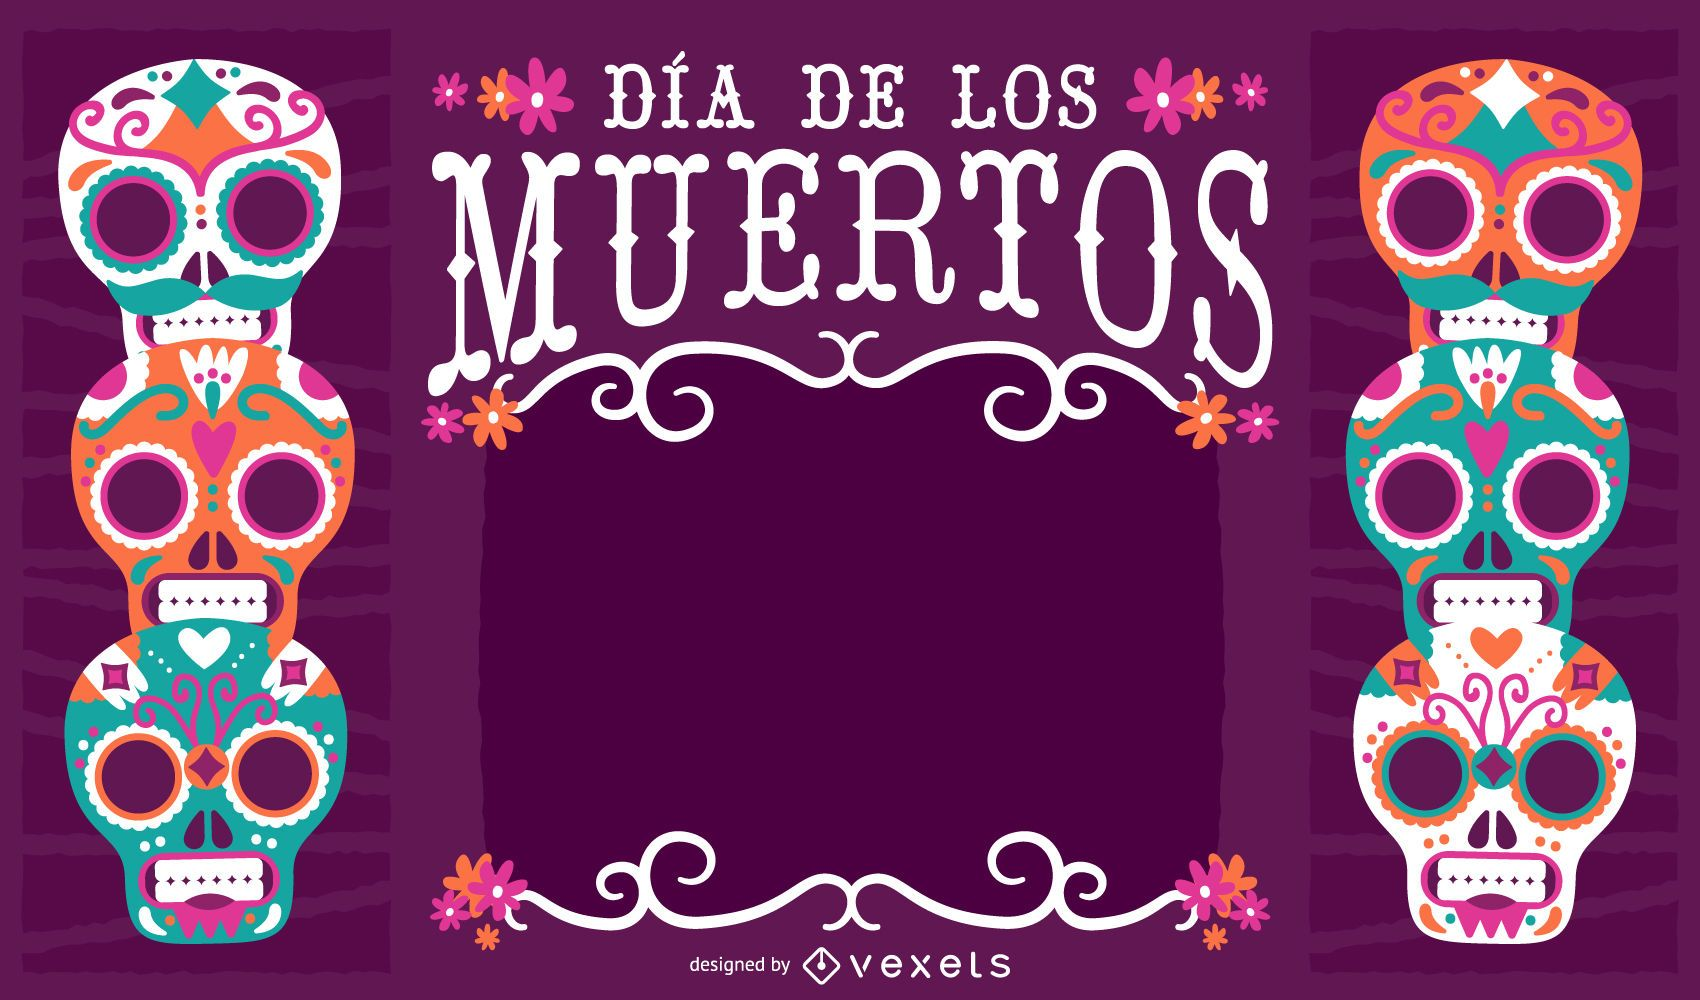 Marco de México Dia de los Muertos